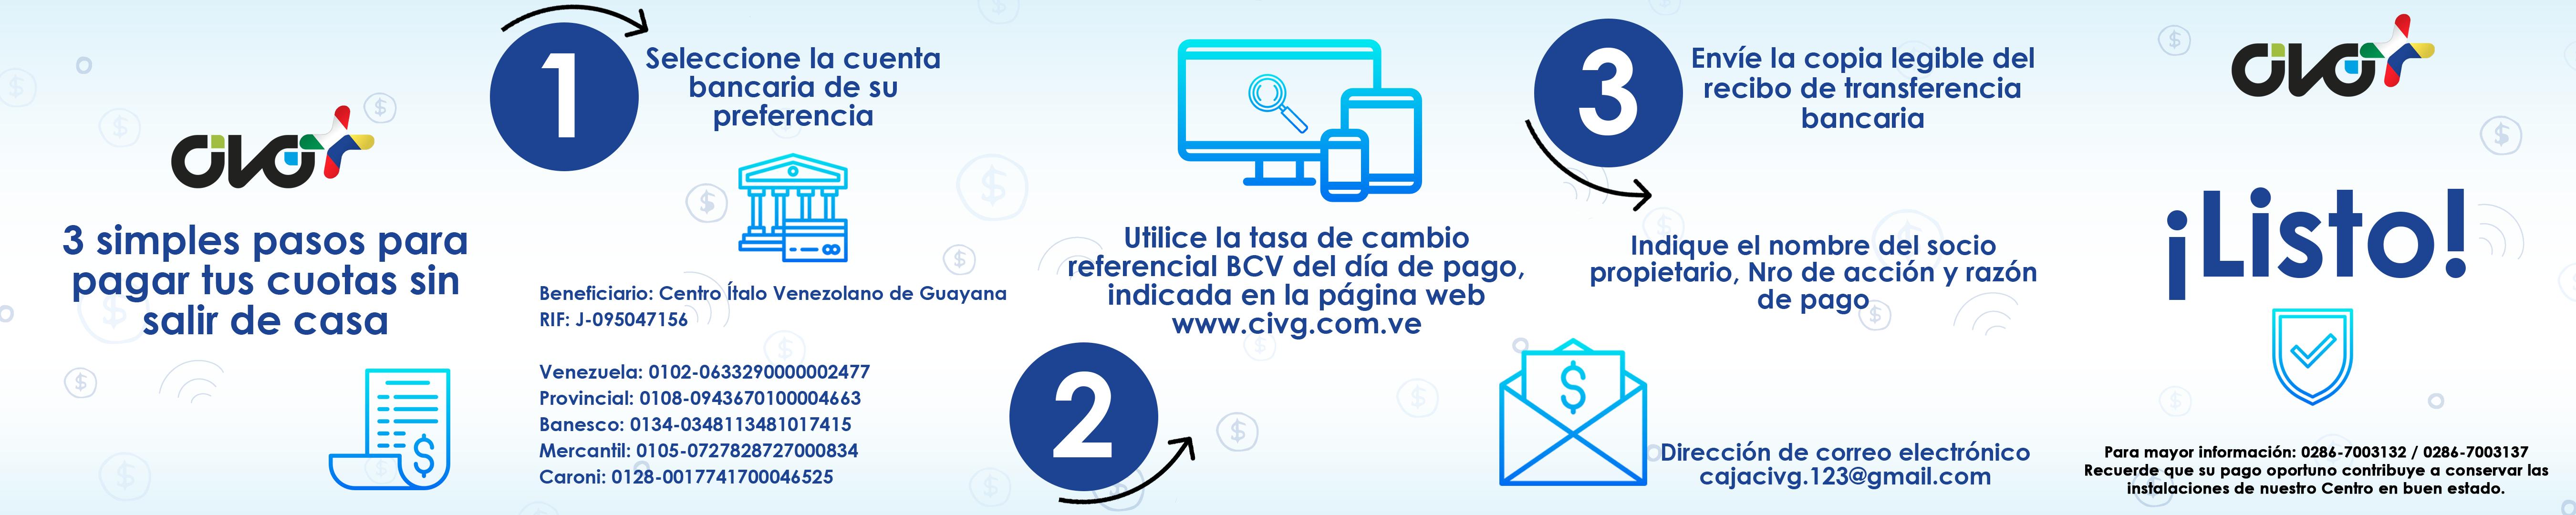 Centro Italo Venezolano de Guayana